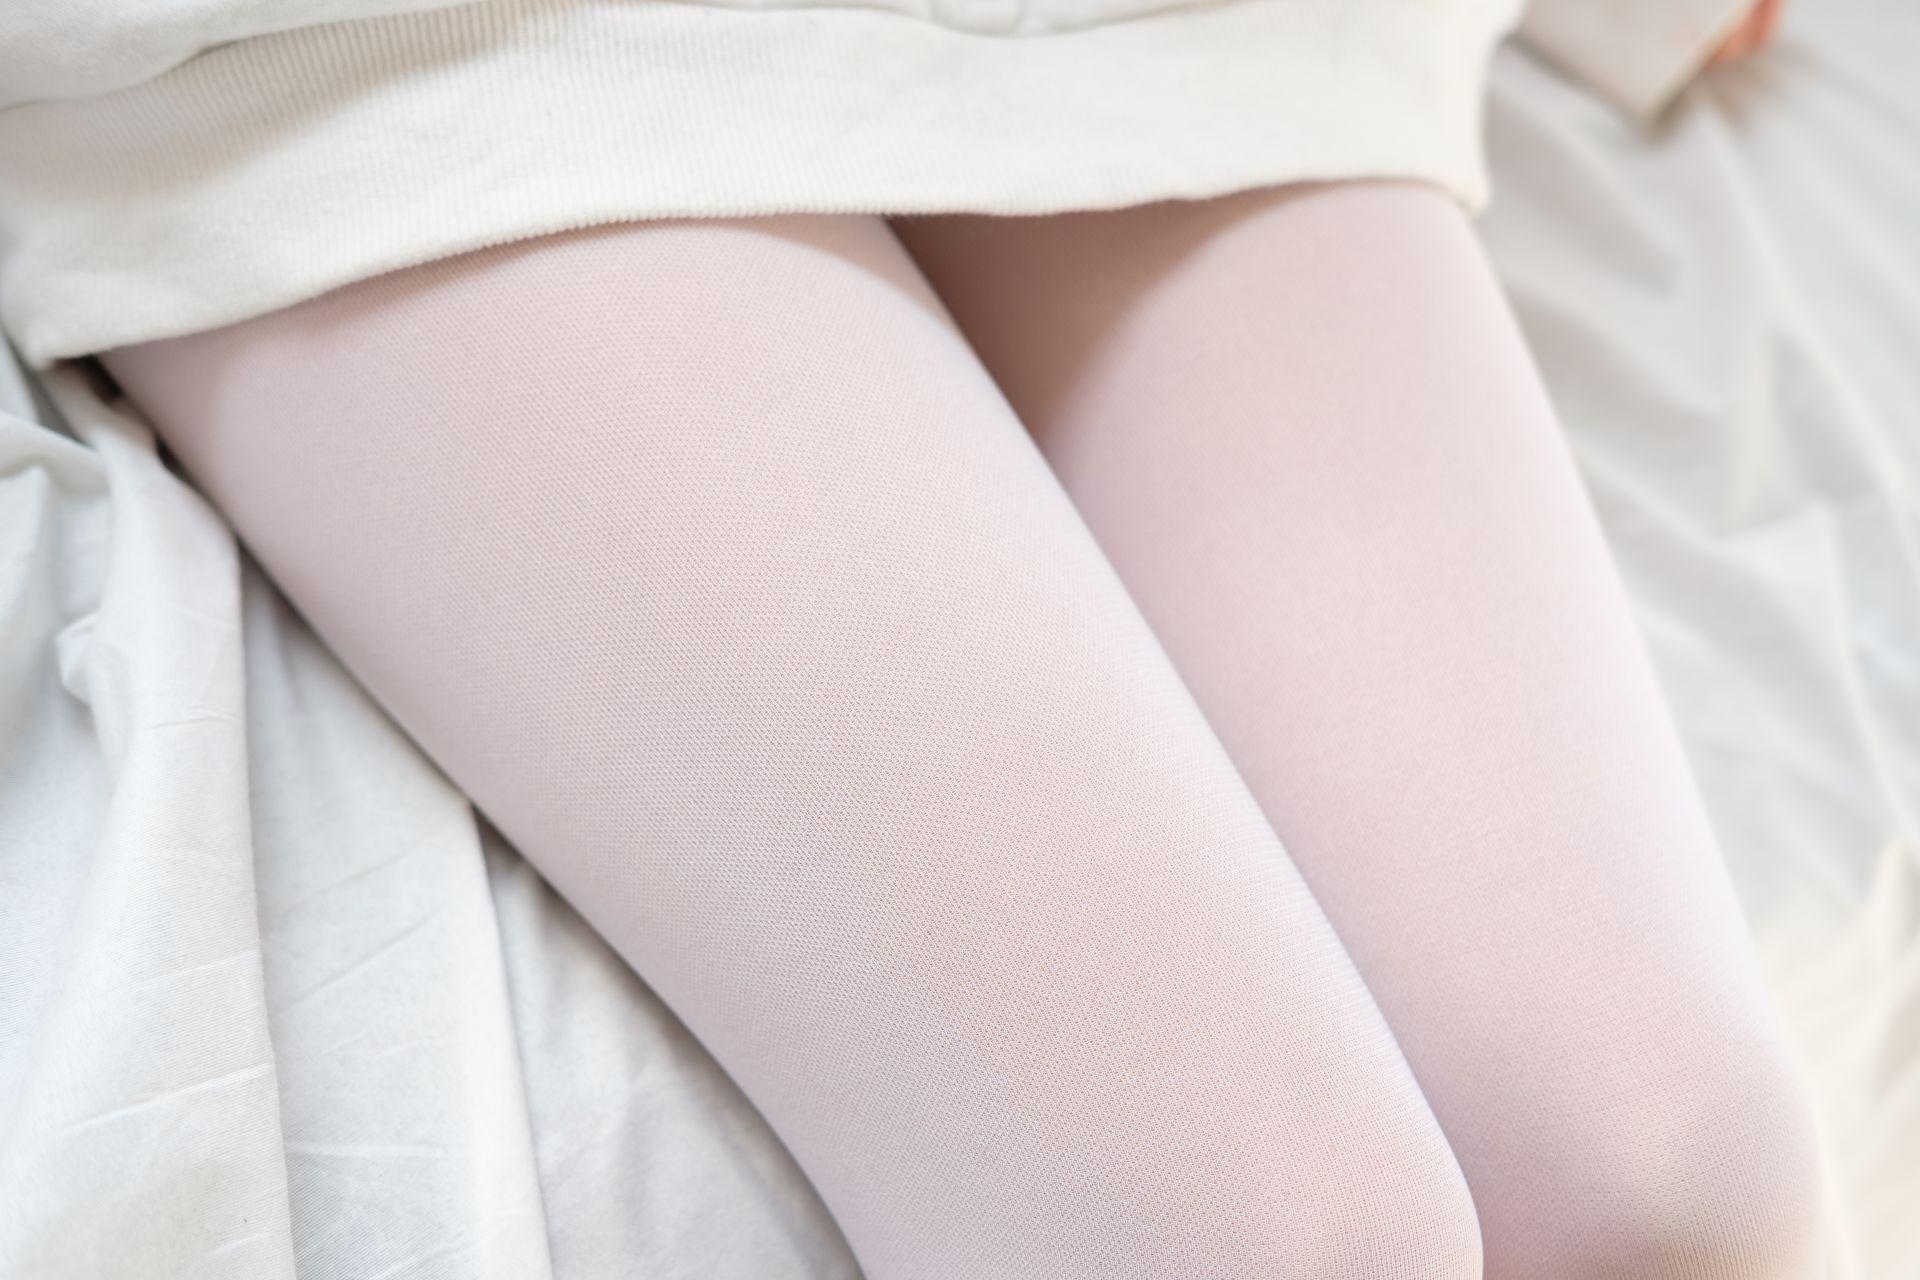 【森萝财团】森萝财团写真 – X-009 白丝·活力少女 [120P-1V-1.92GB] X系列 第3张